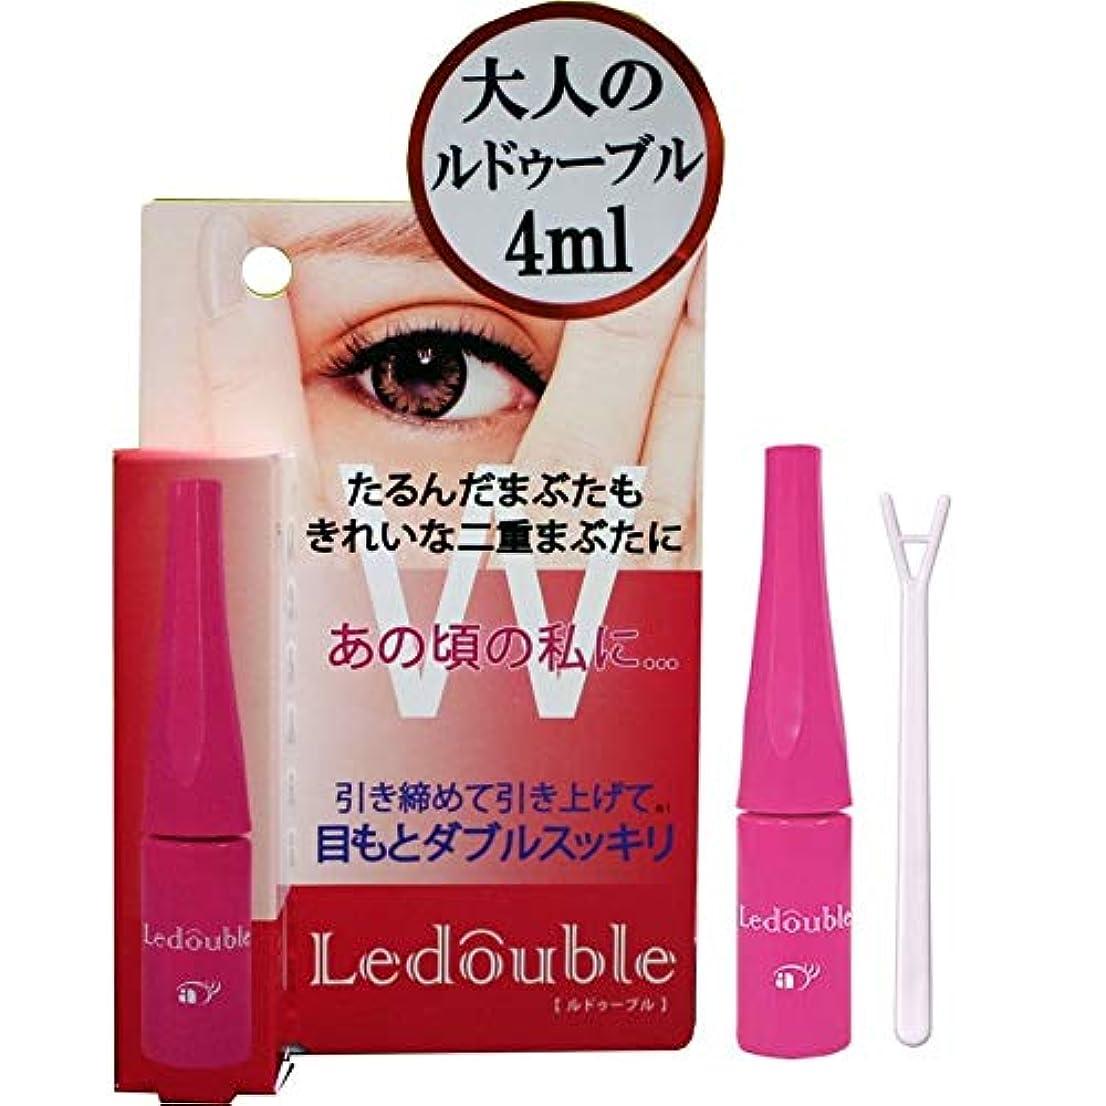 静的兄蓋大人のLedouble [大人のルドゥーブル] 二重まぶた化粧品 (4mL)